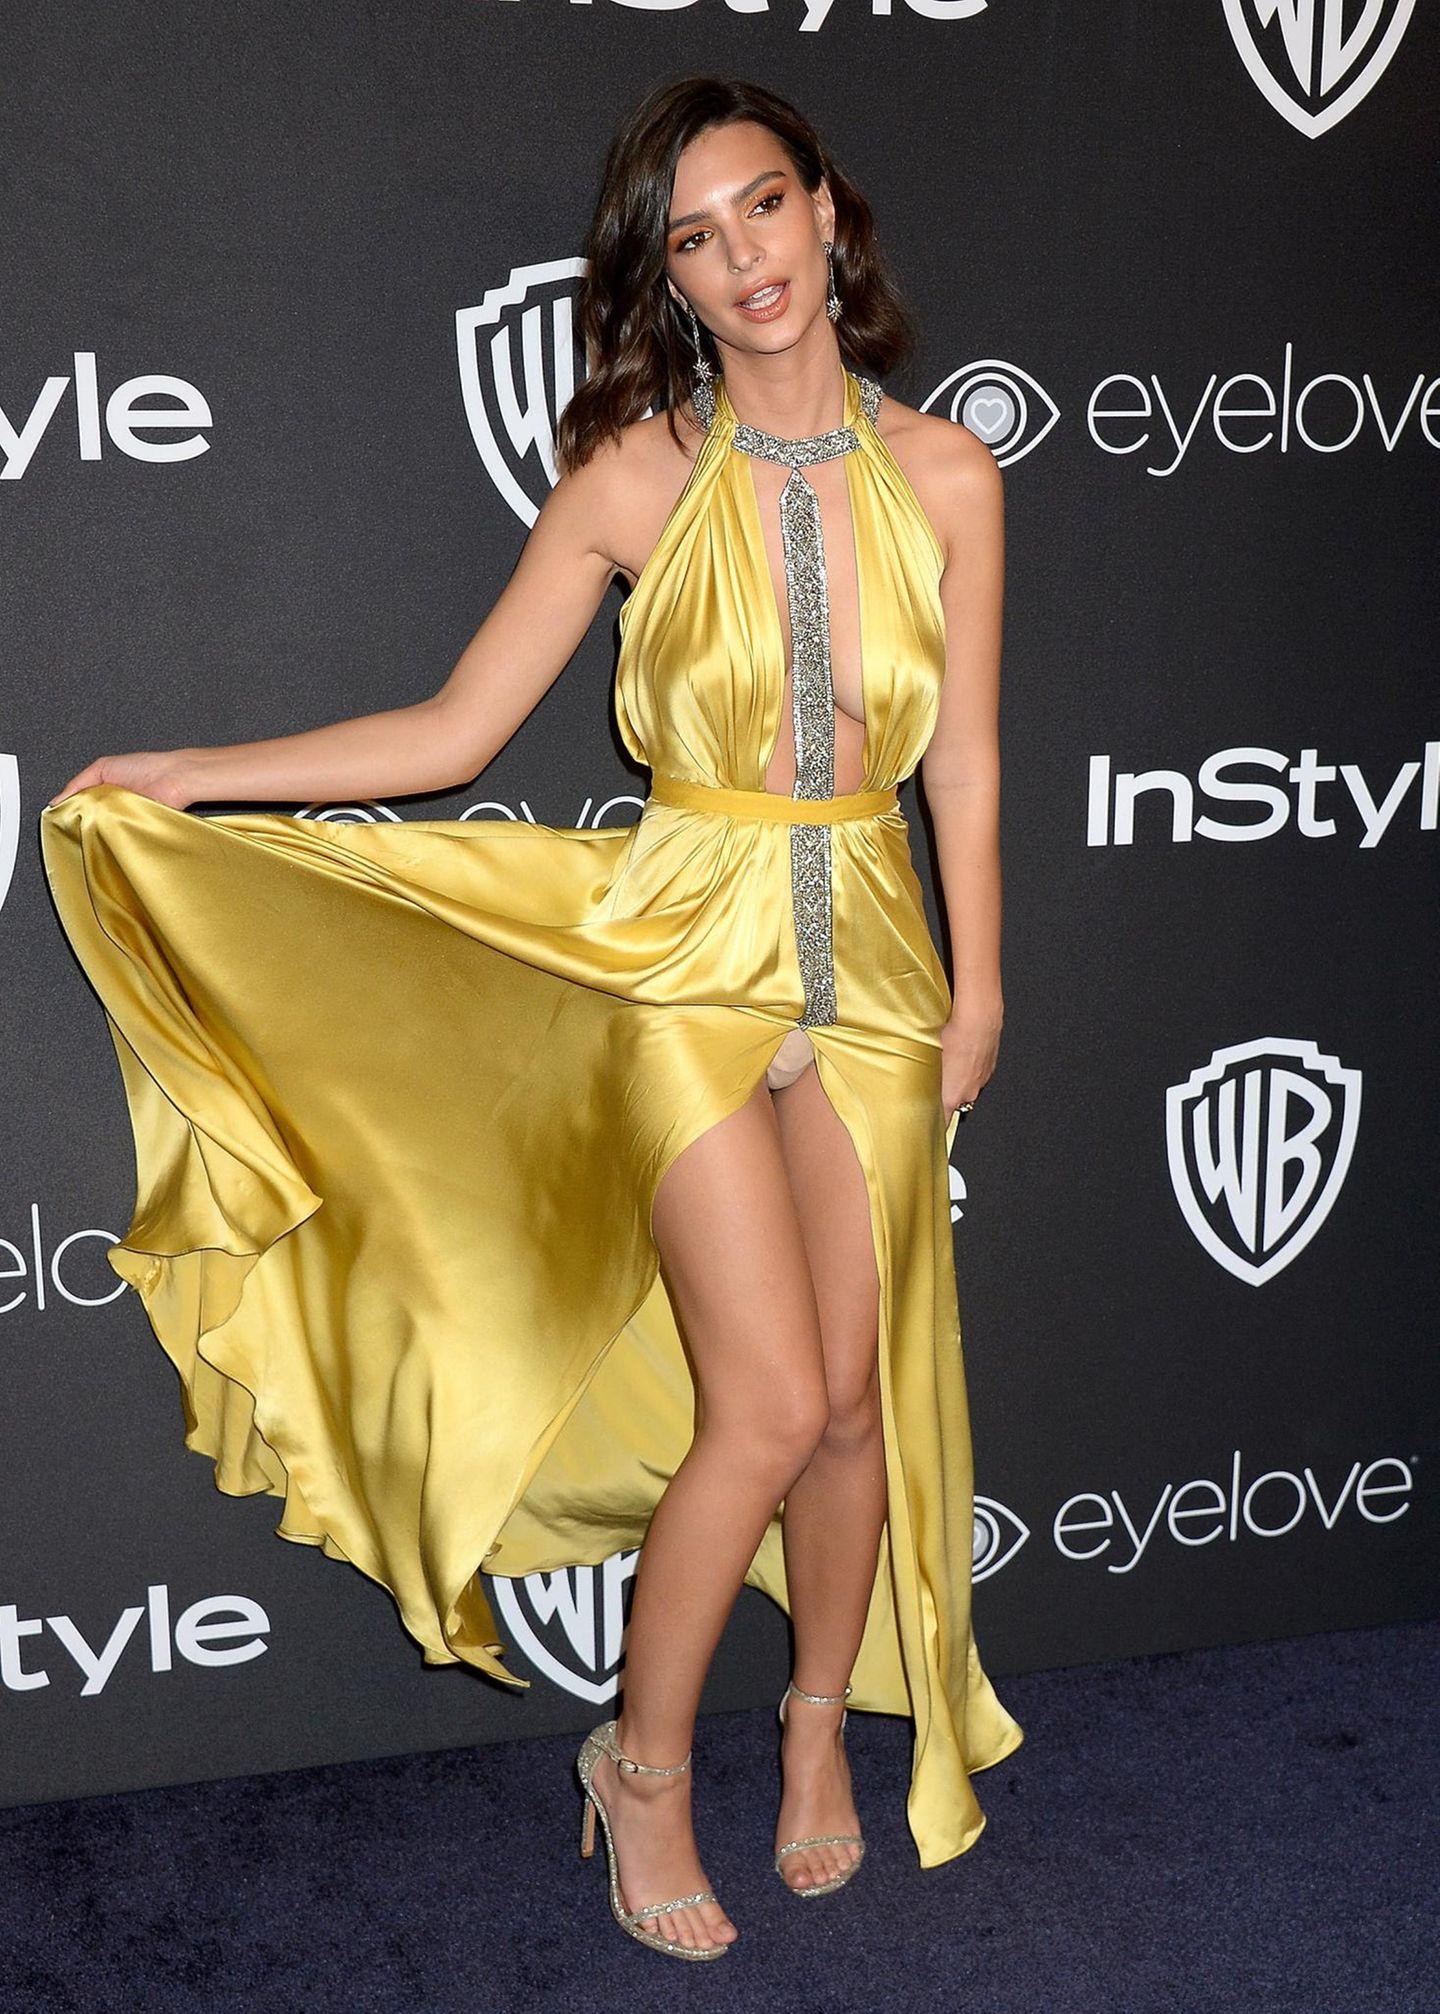 Und bei der Instyle und Warner Bros After Party passiert es dann: Beim richten des Kleides gibt das Model unfreiwillige Einblicke und ihr hautfarbener Slip kommt zum Vorschein.